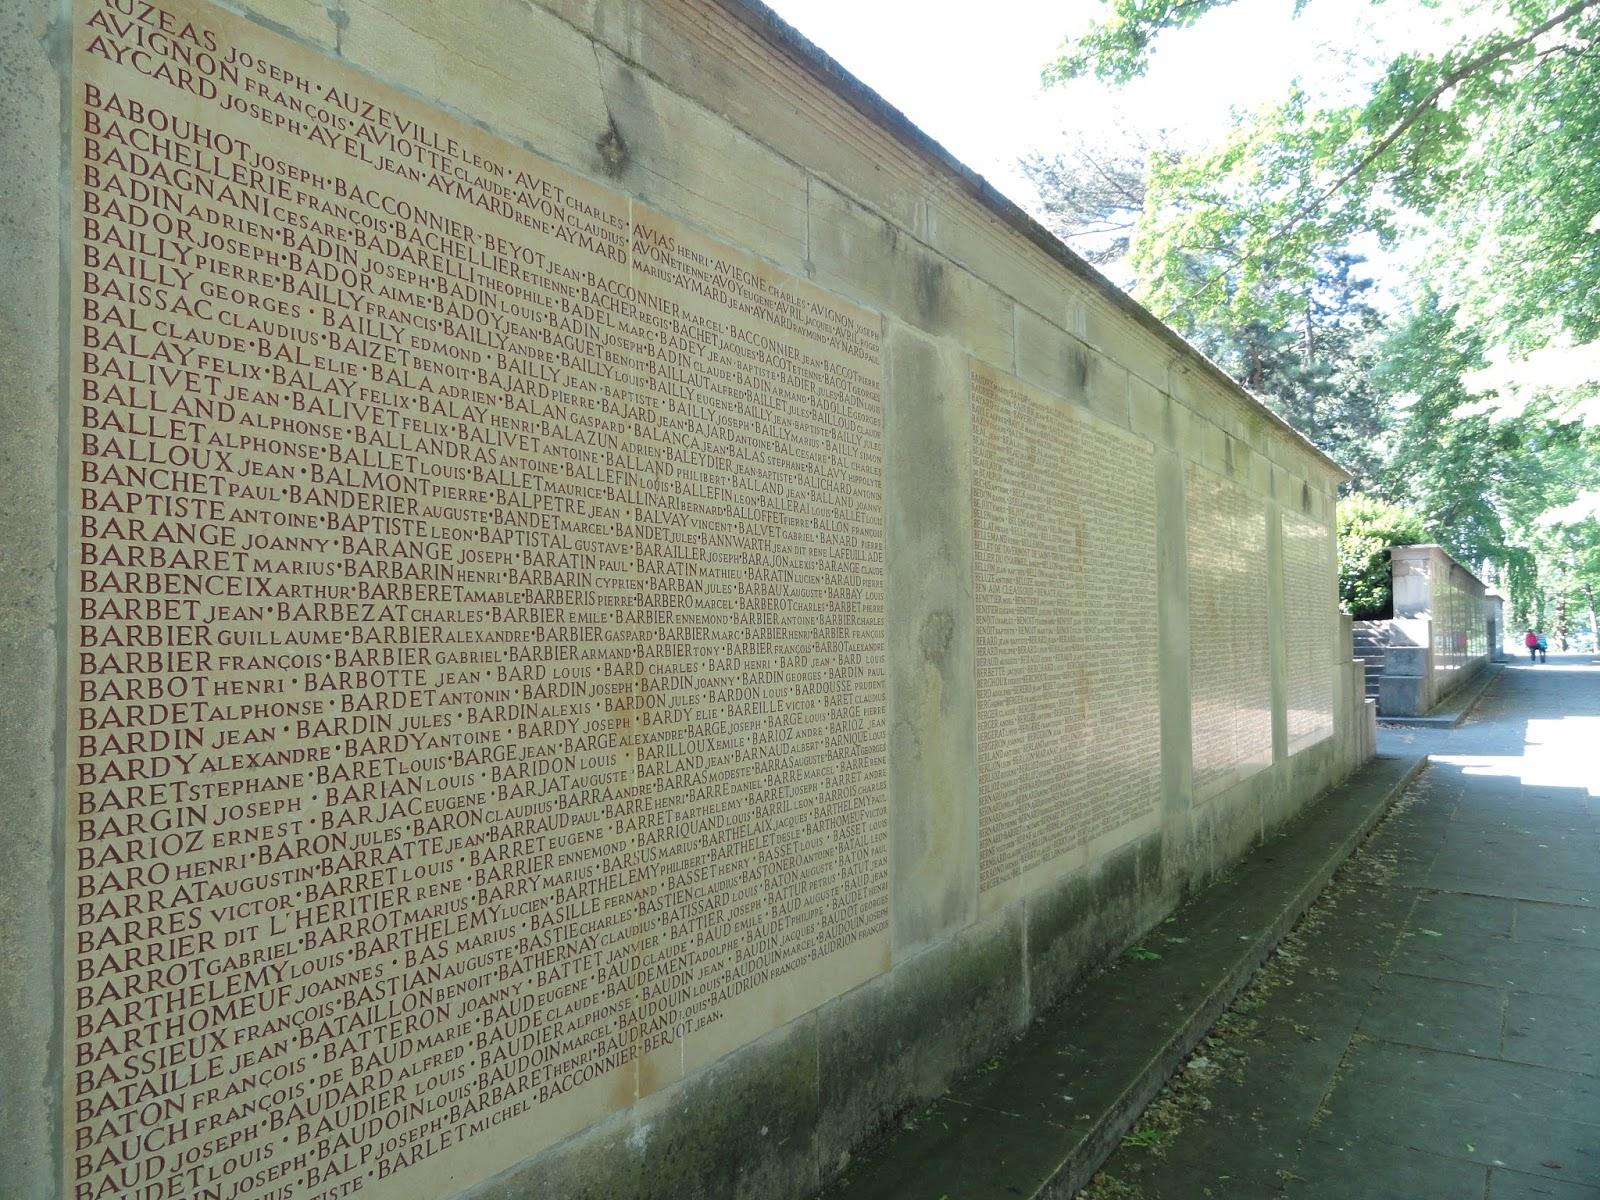 Monument aux morts de l'île aux Cygnes, Parc de la Tête d'Or